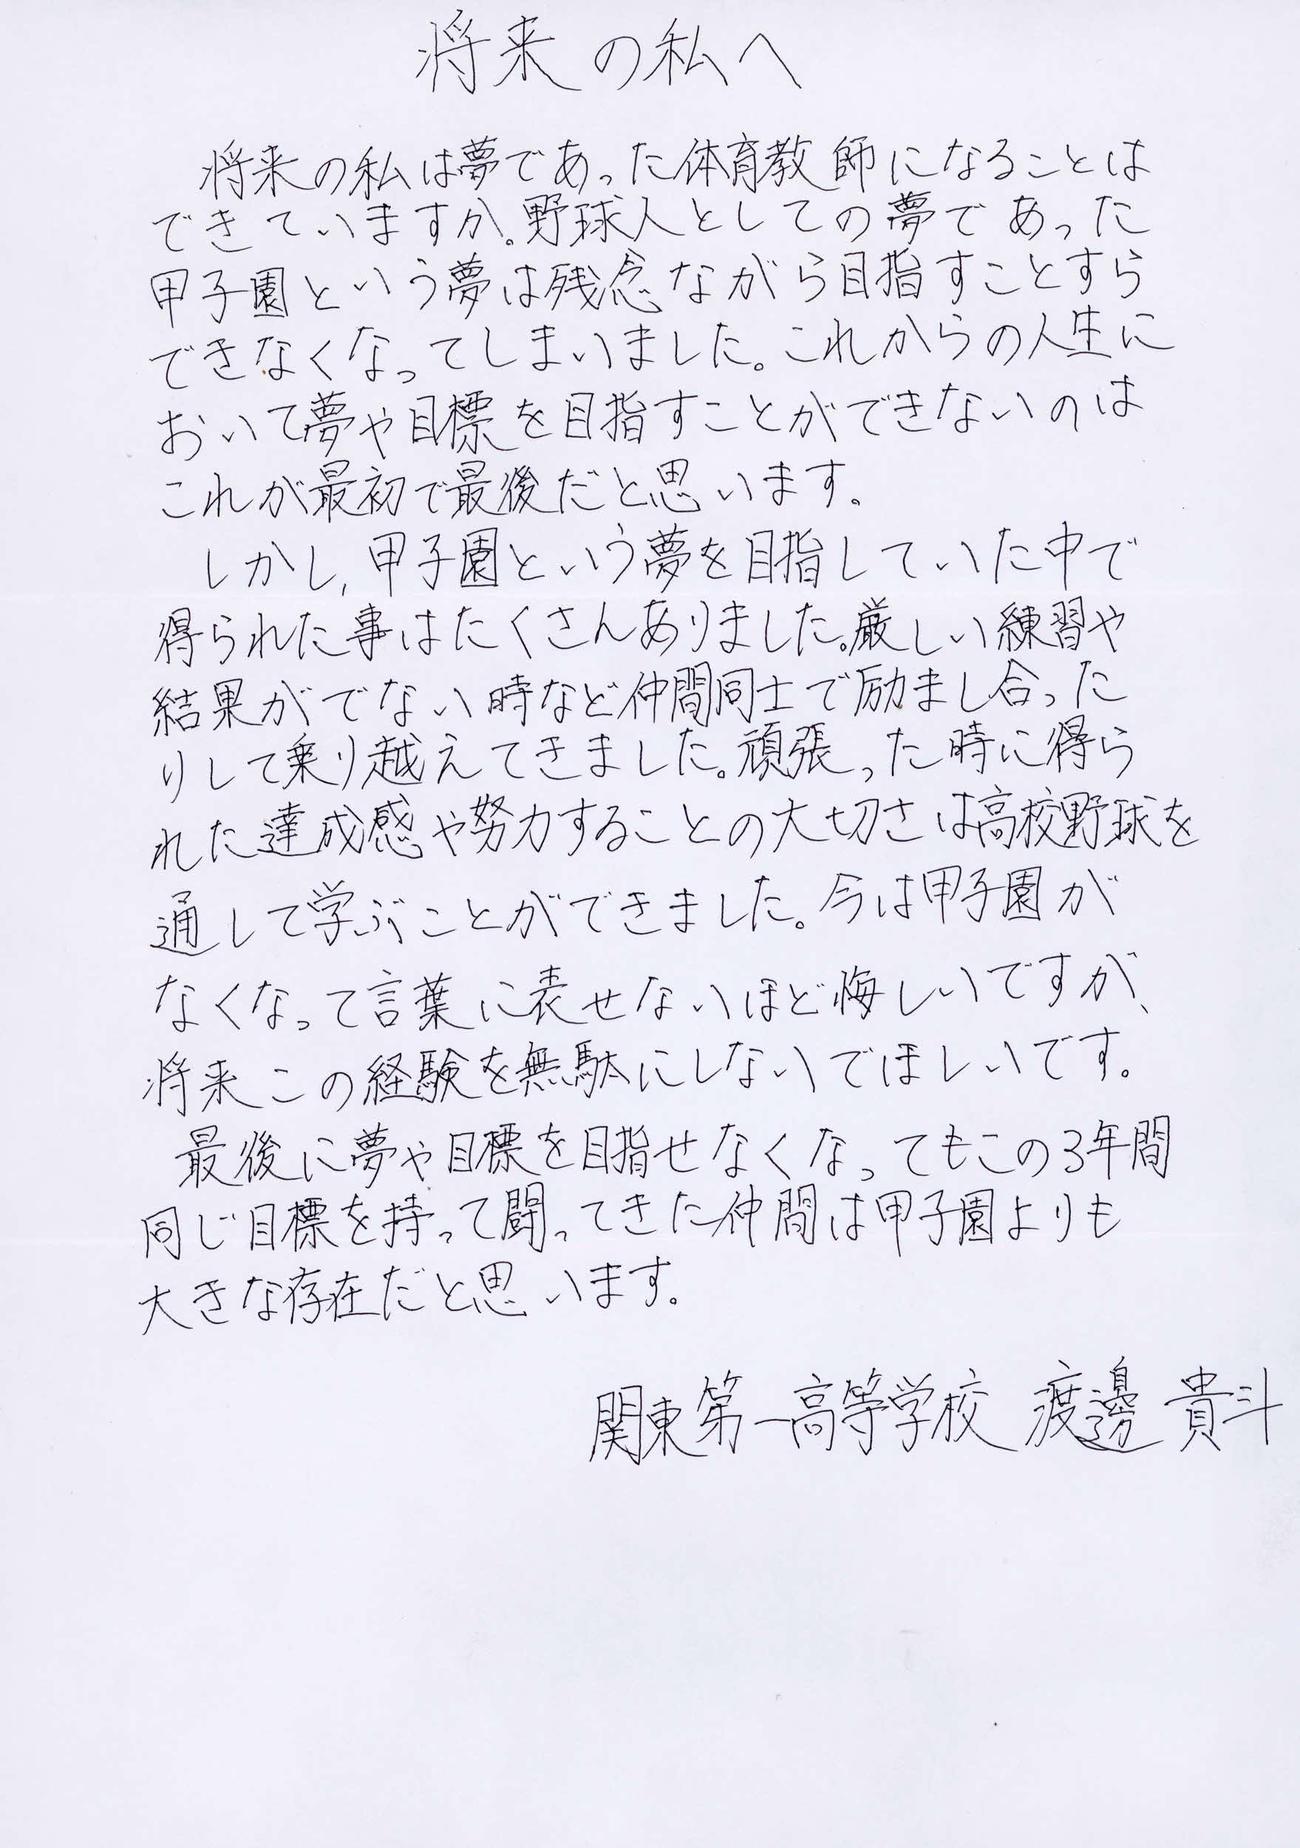 関東第一・渡辺主将の手紙